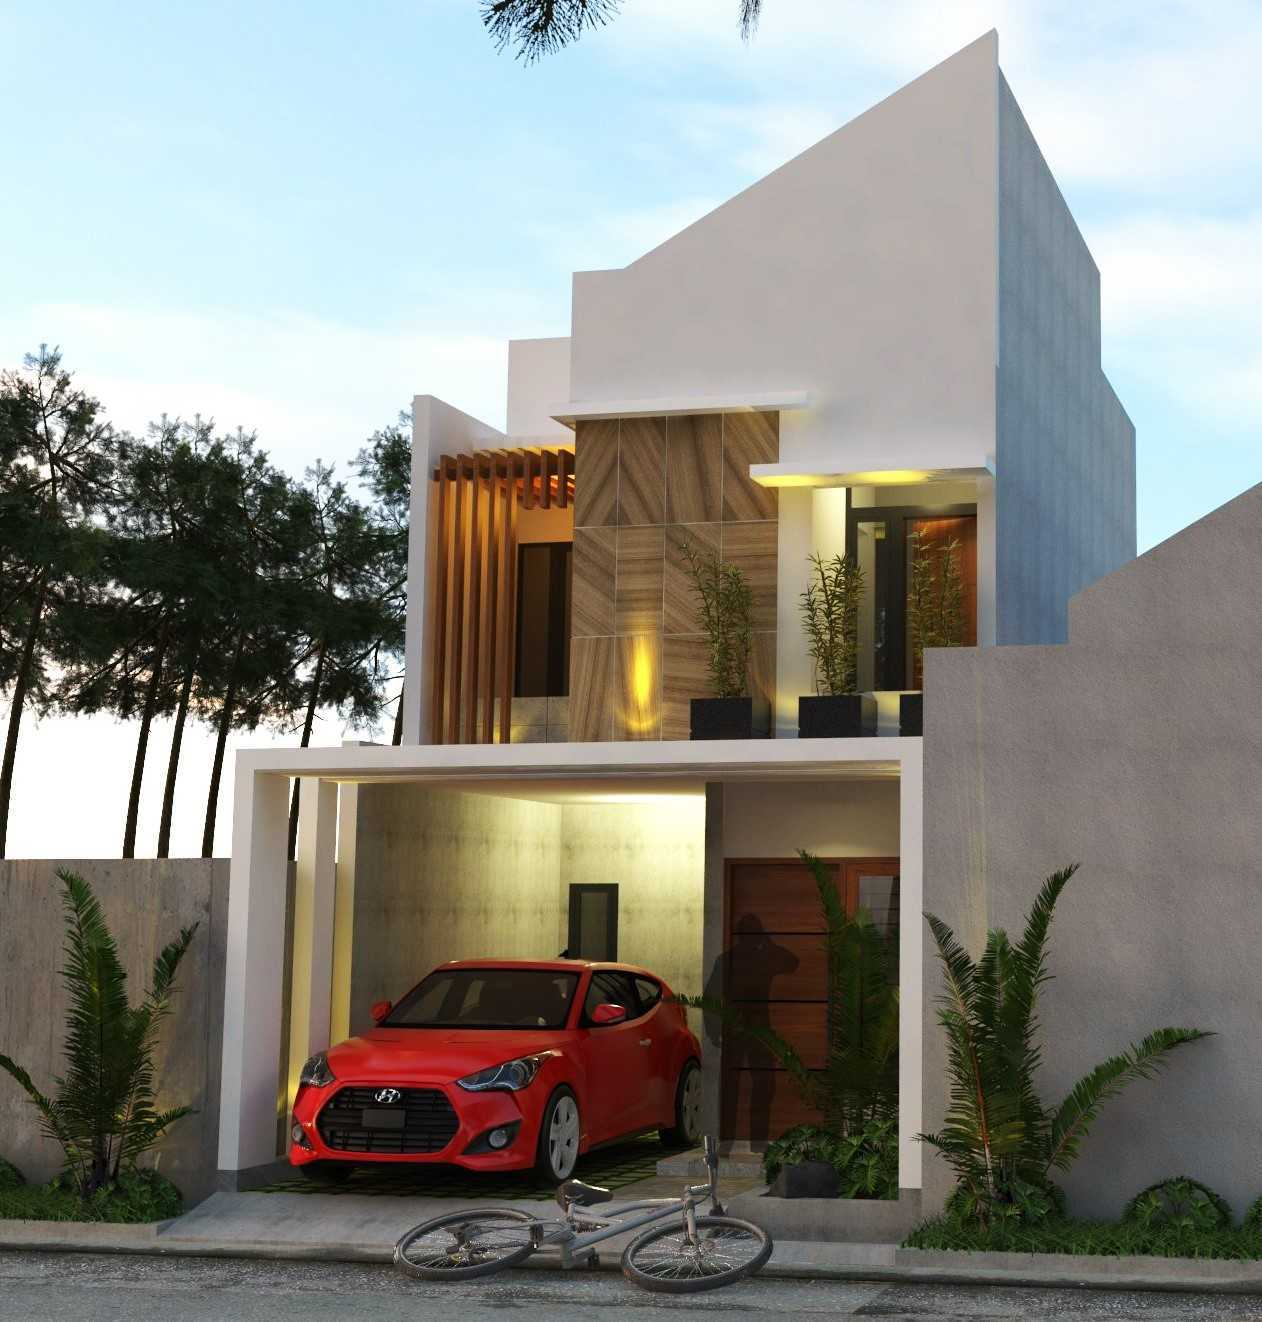 1060+ Gambar Warna Rumah Sinom Gratis Terbaik